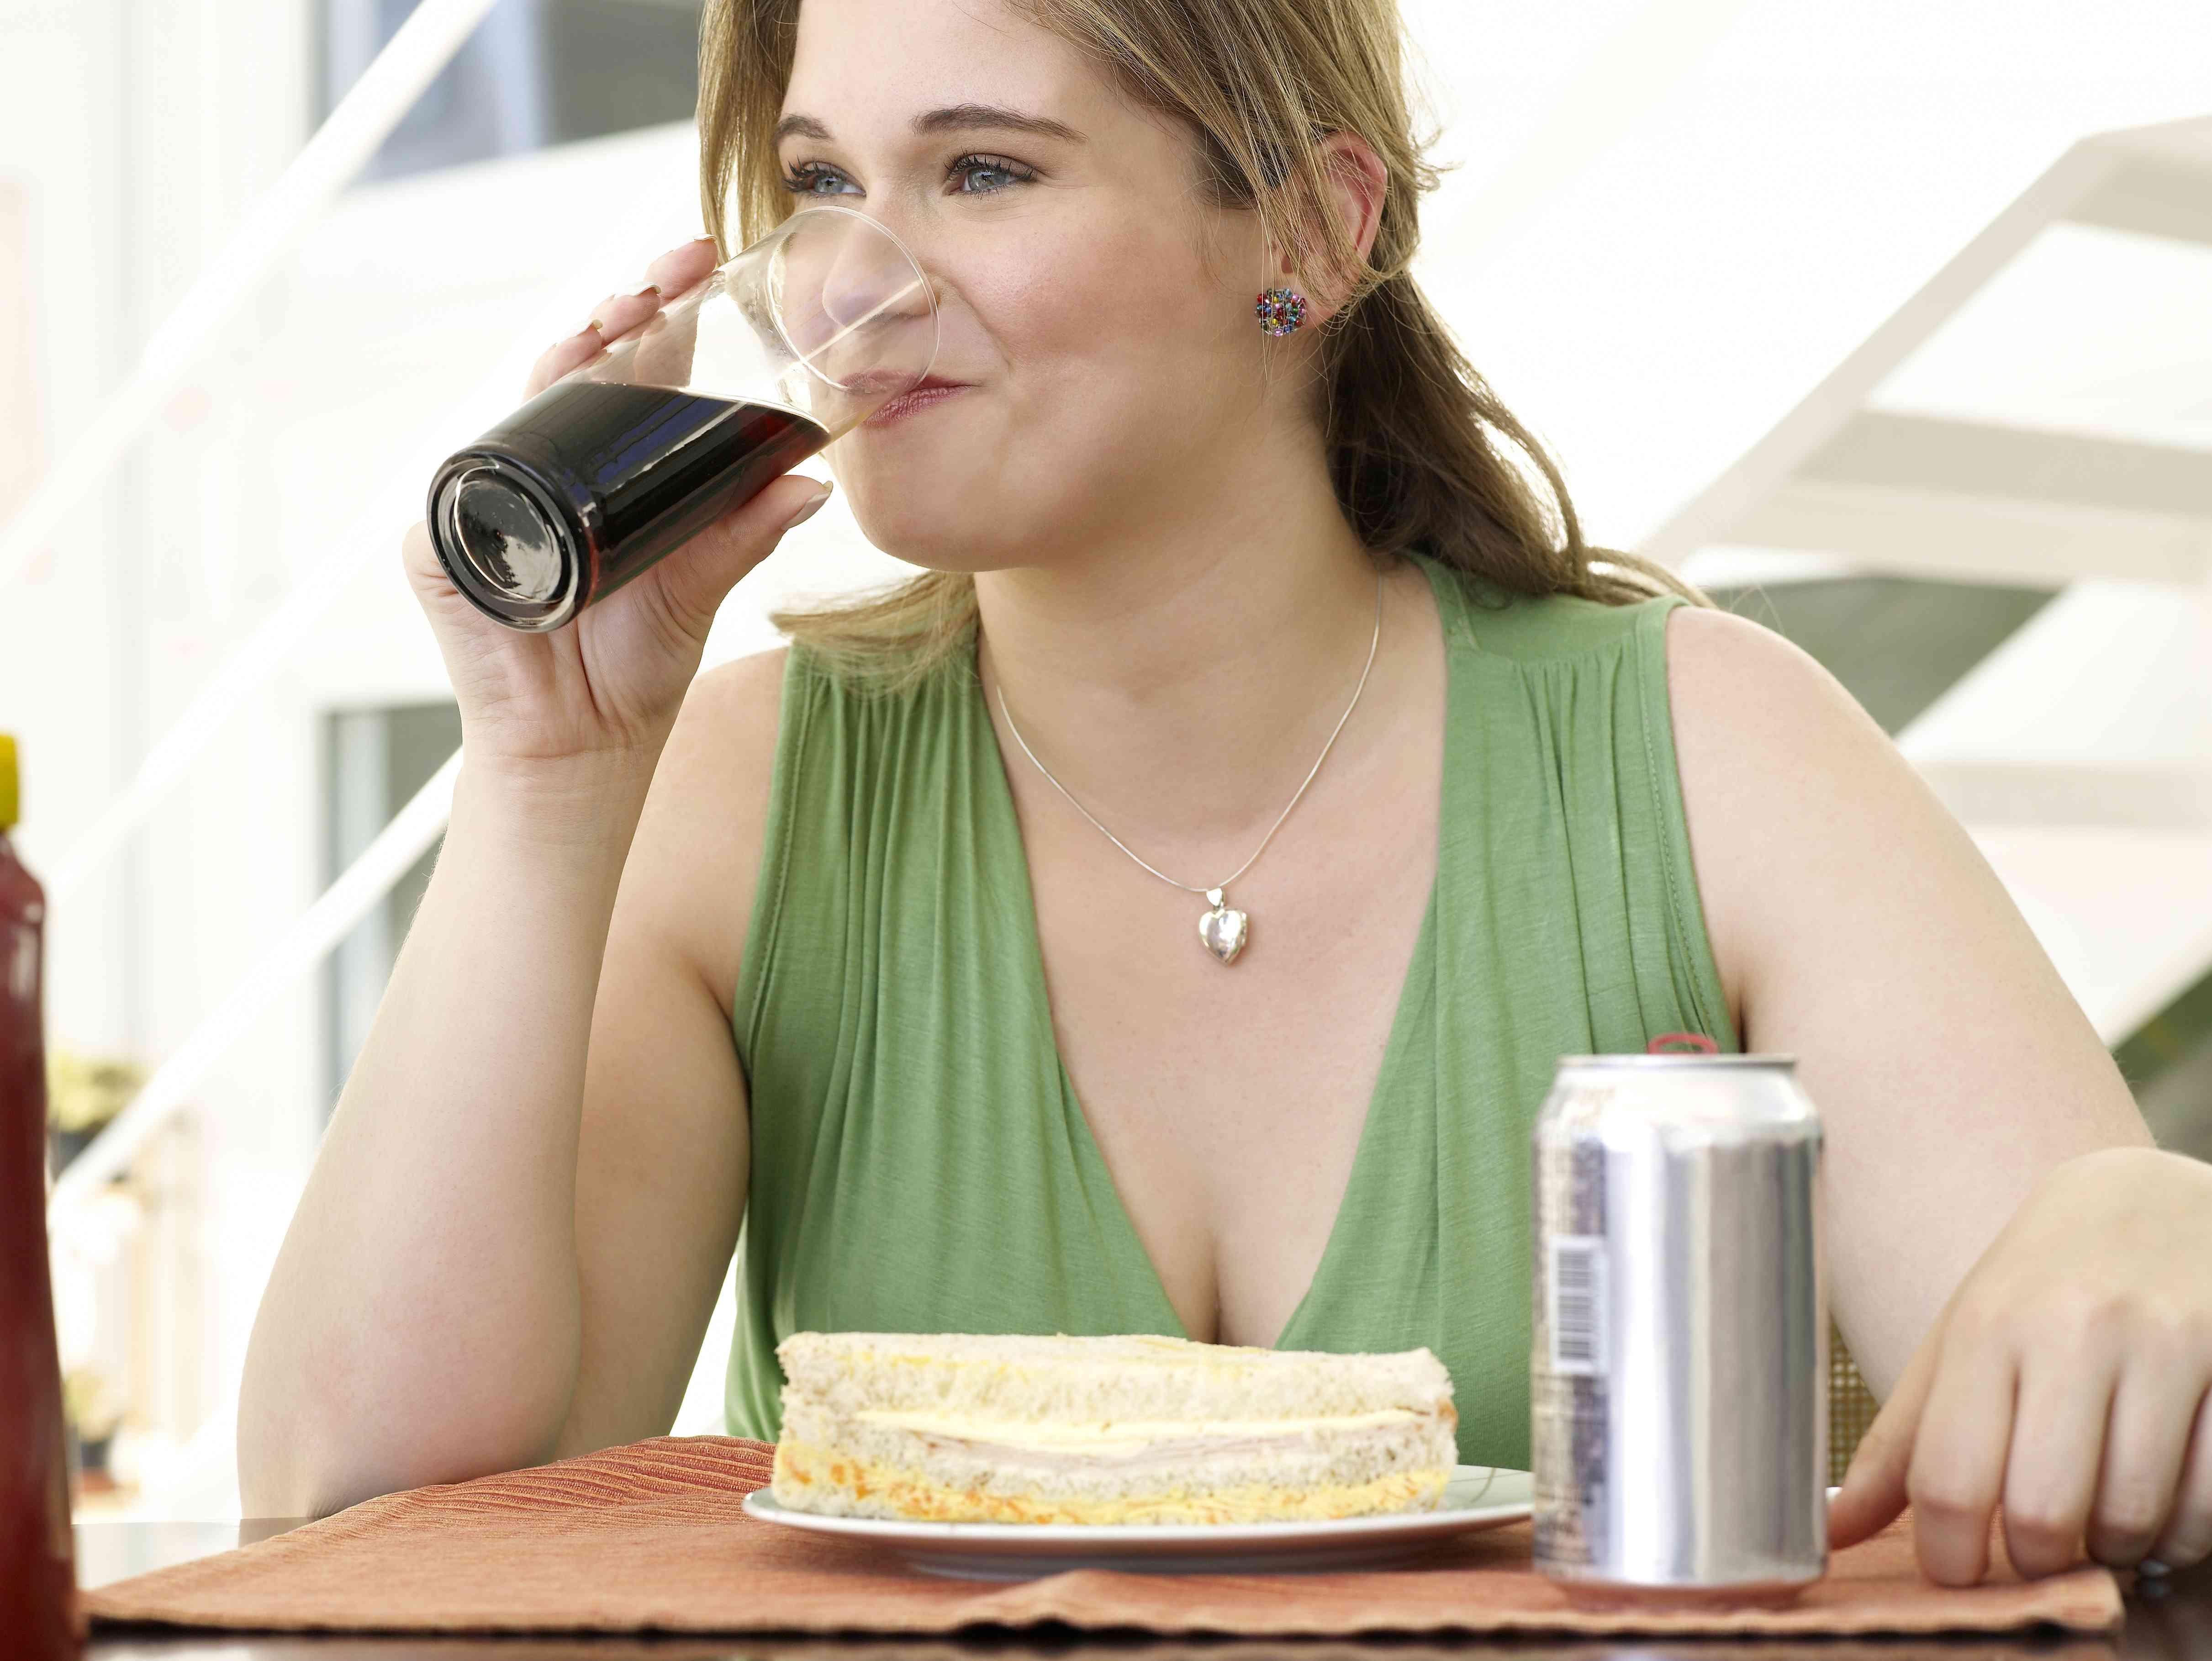 Mujer joven bebiendo un refresco